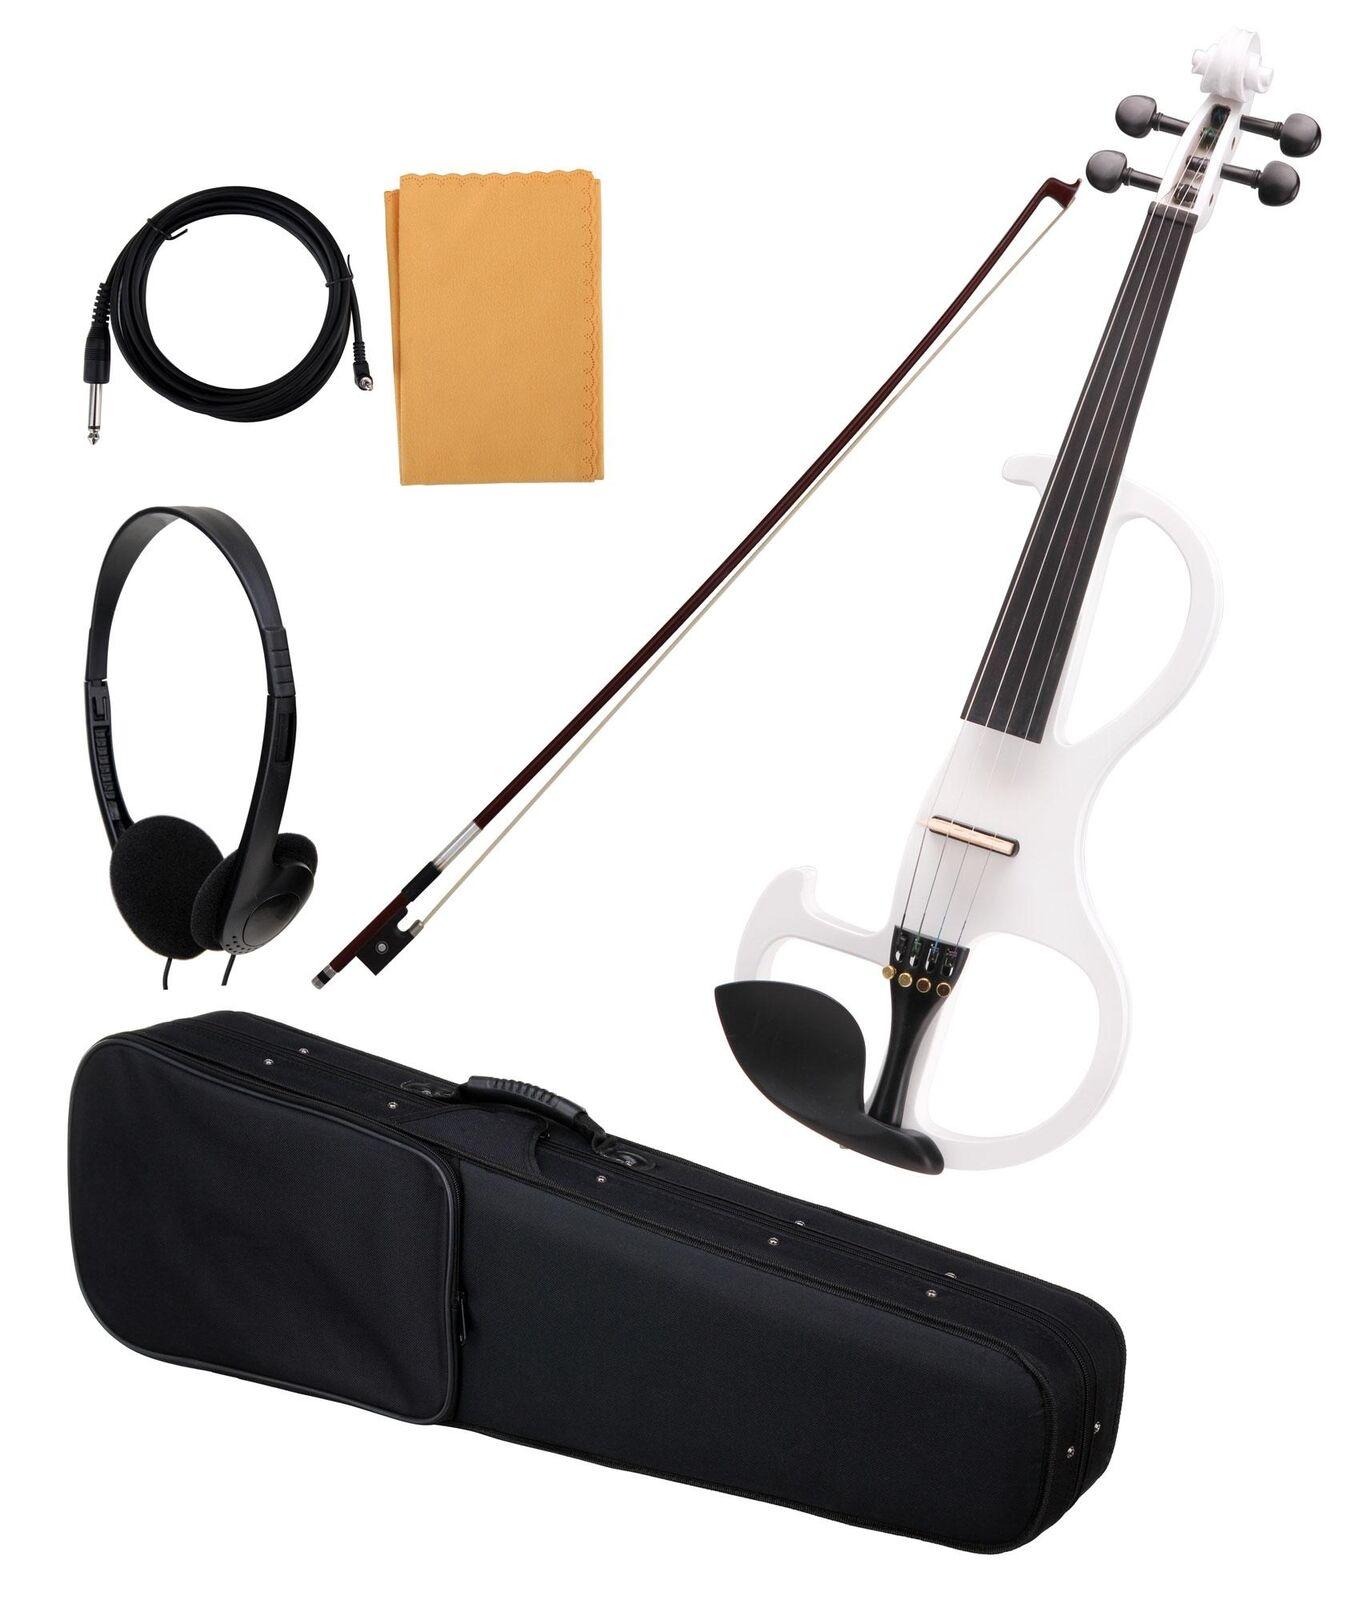 Schöne elektrische Violine weiß, mit Geigenbogen, Case, Kopfhörer, Pflege